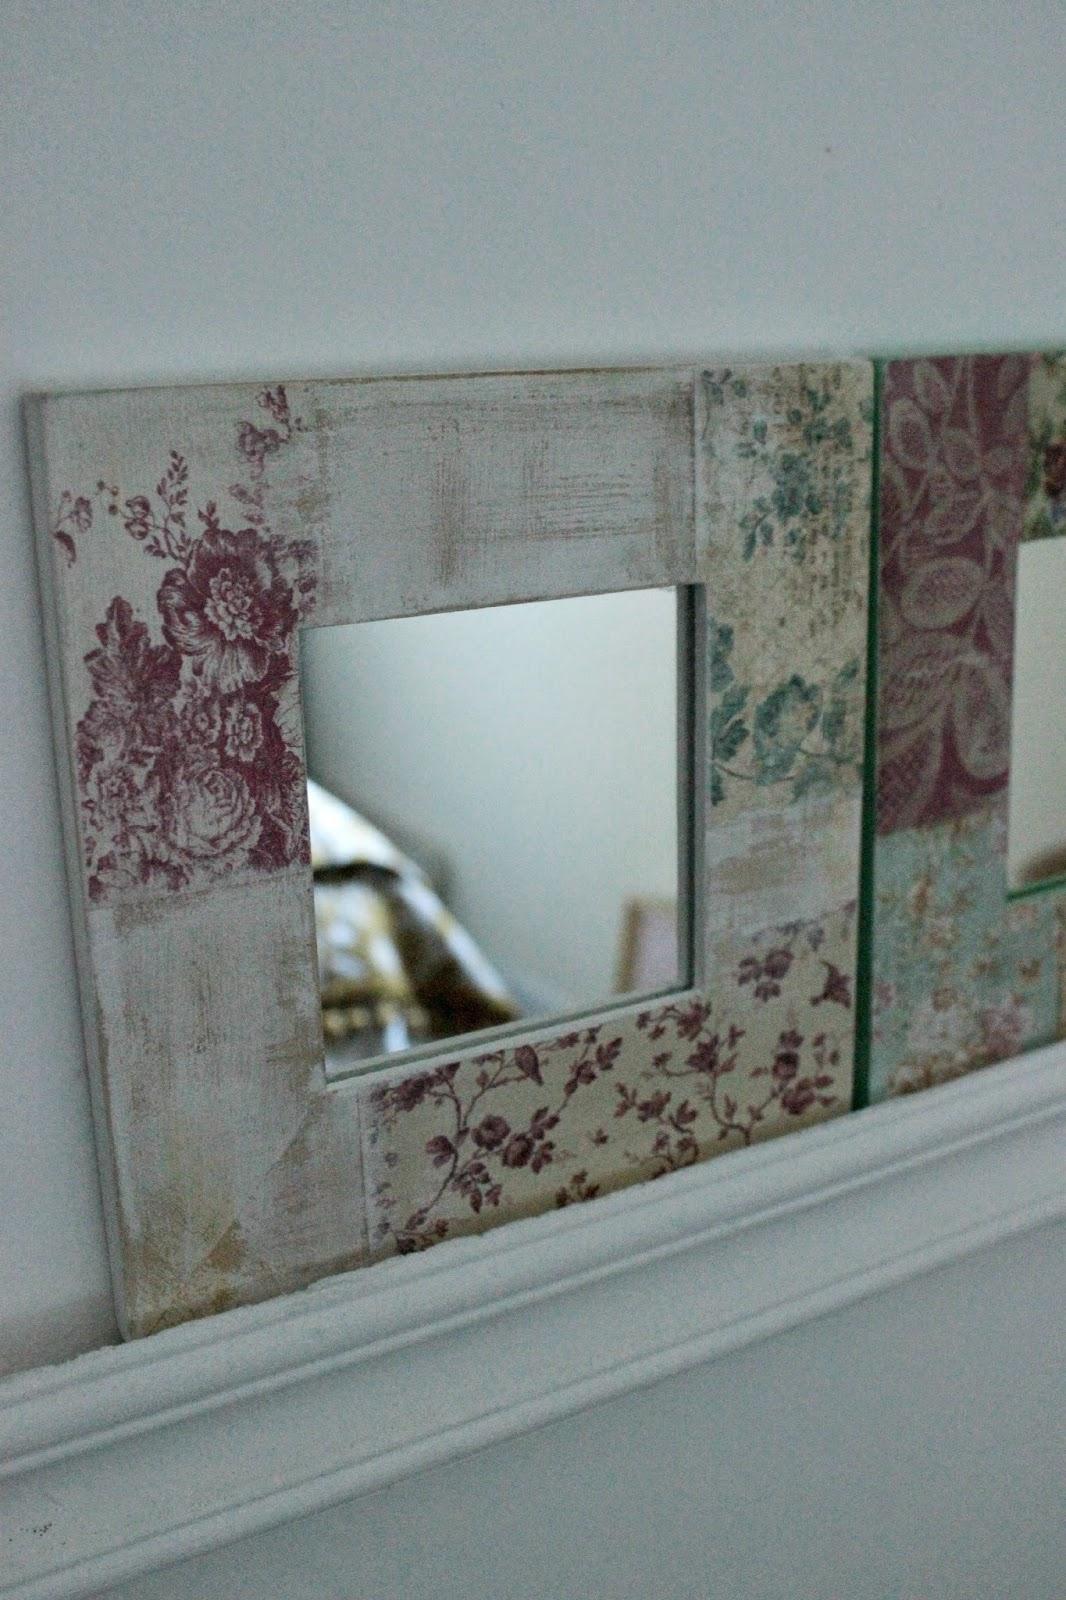 Tienda la florinda espejitos cuadrados for Marcos decorados para espejos